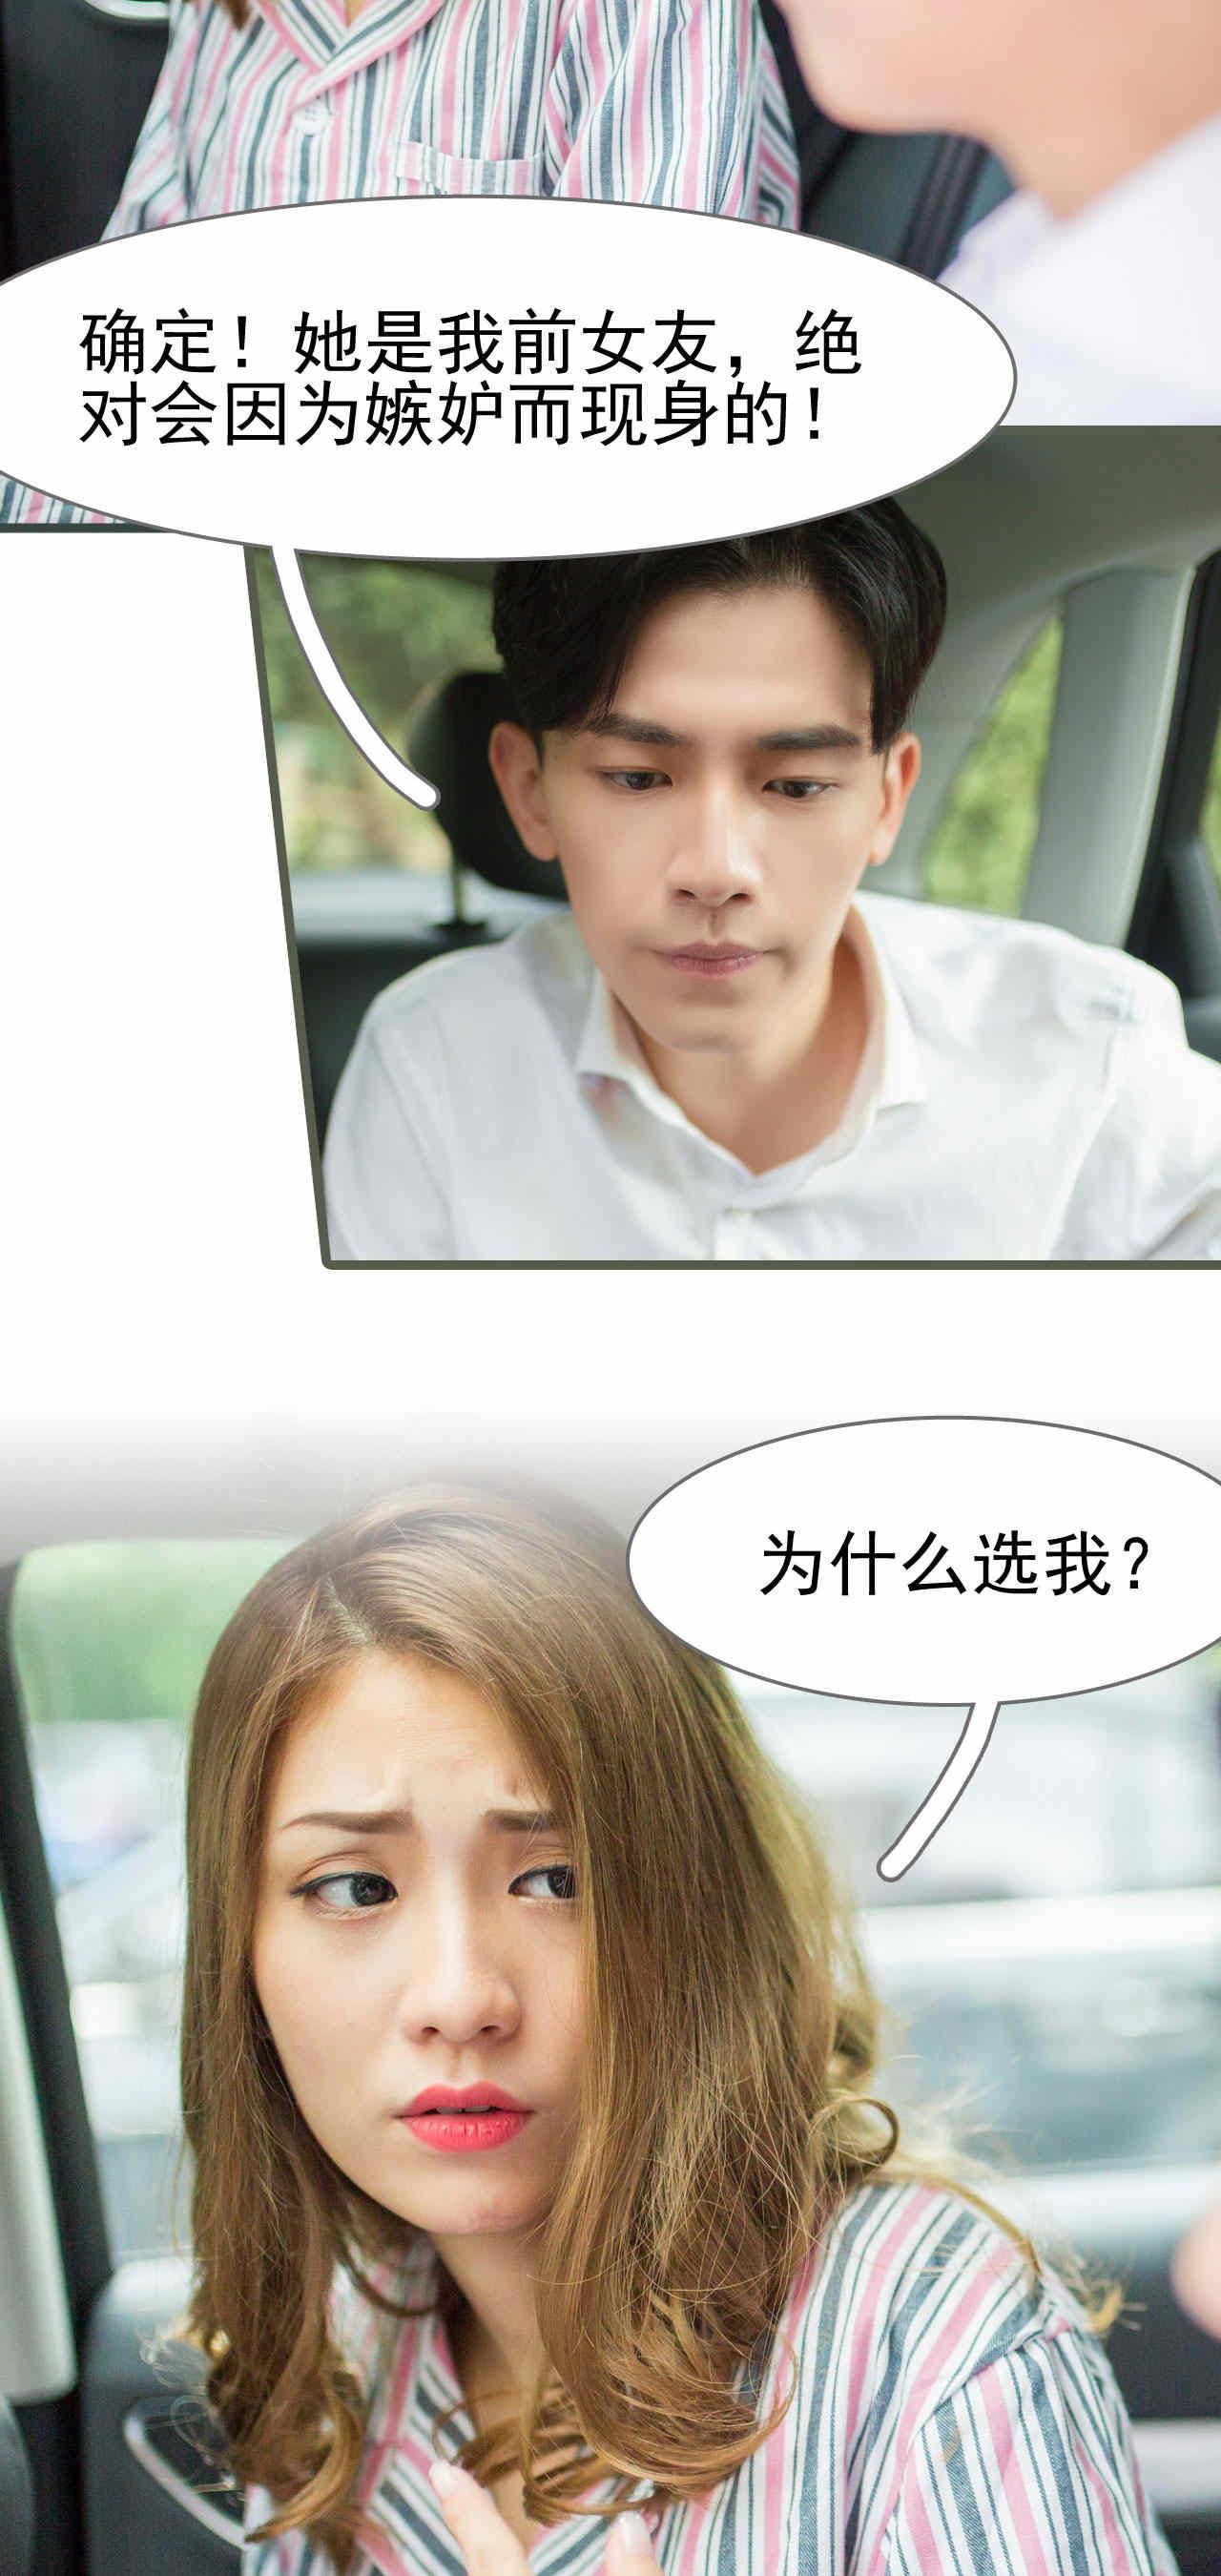 【小漫画】半夜娶亲,天仙般的美人竟要嫁个傻丈夫?!